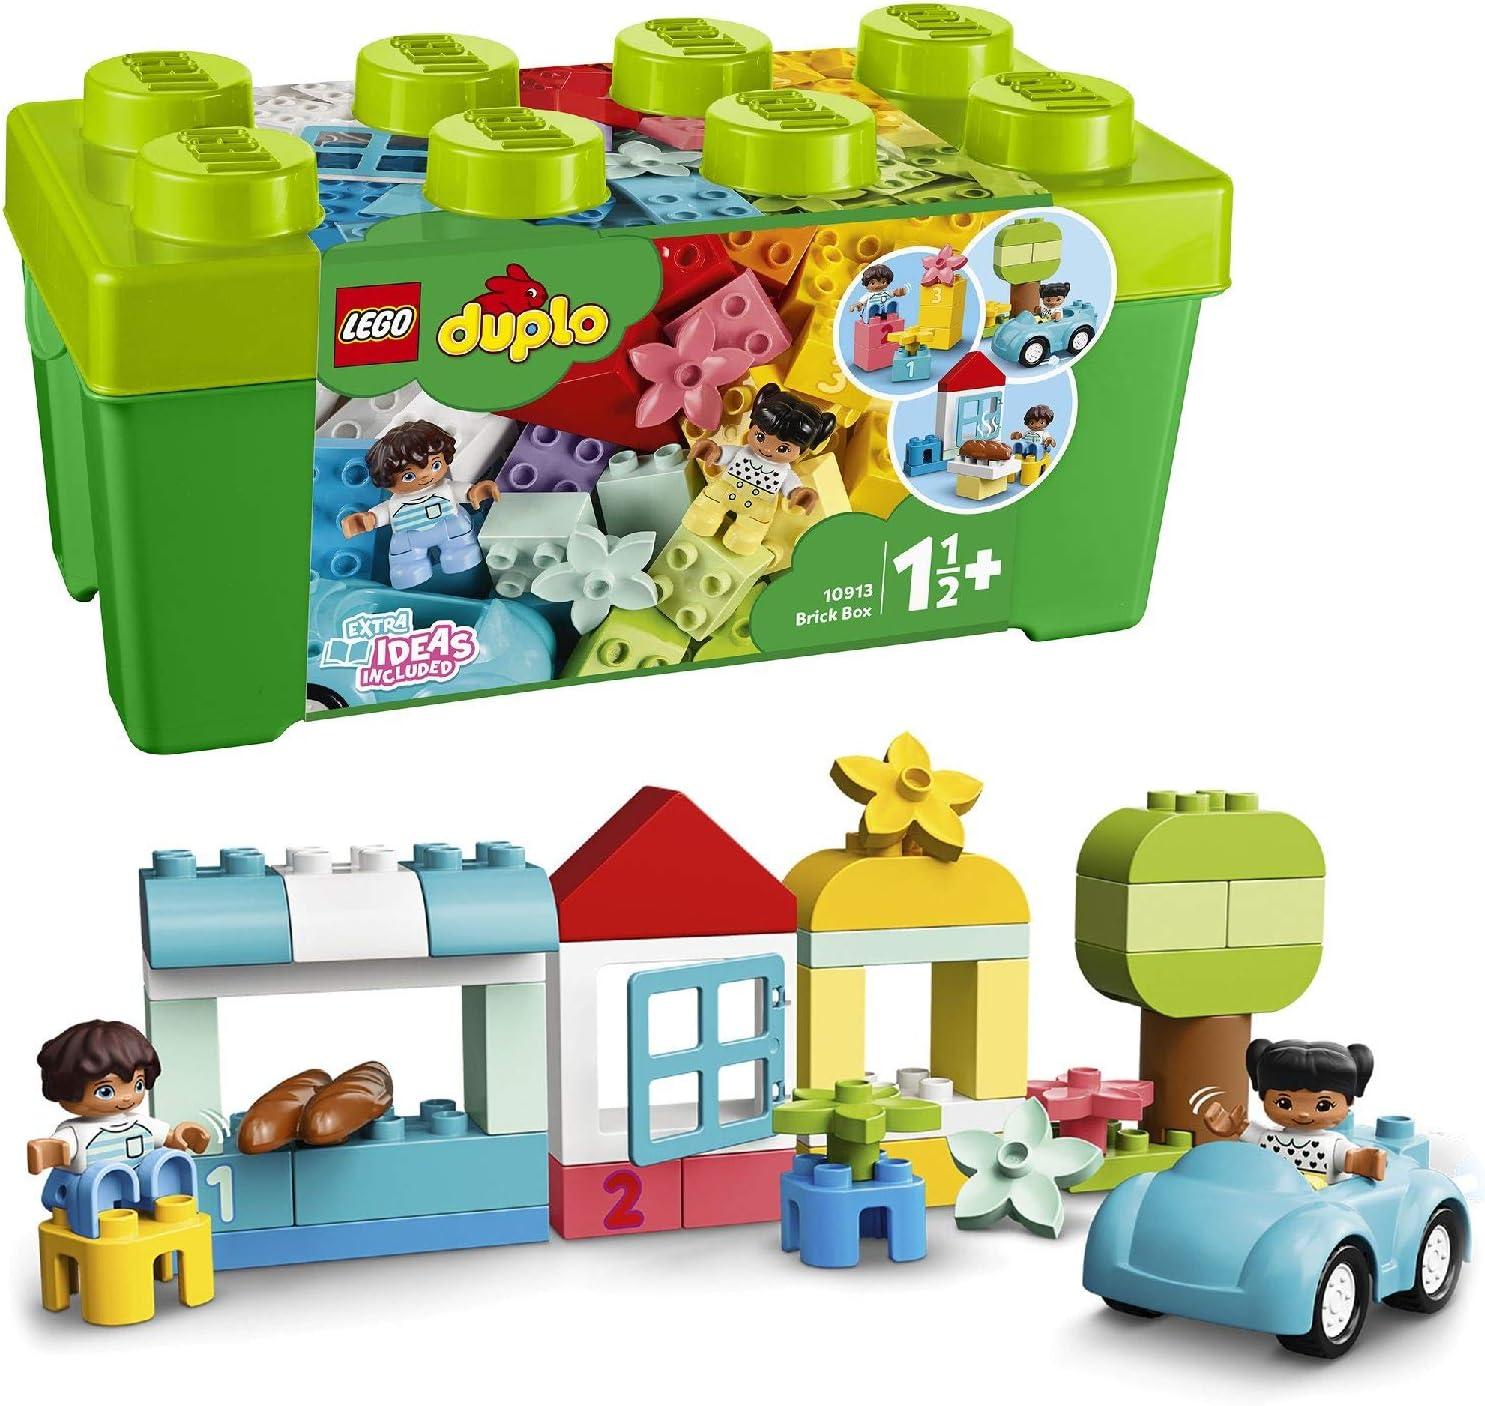 ORIGINALE LEGO-Duplo morbido-COPPIA meccanicamente controllabili come nuovo